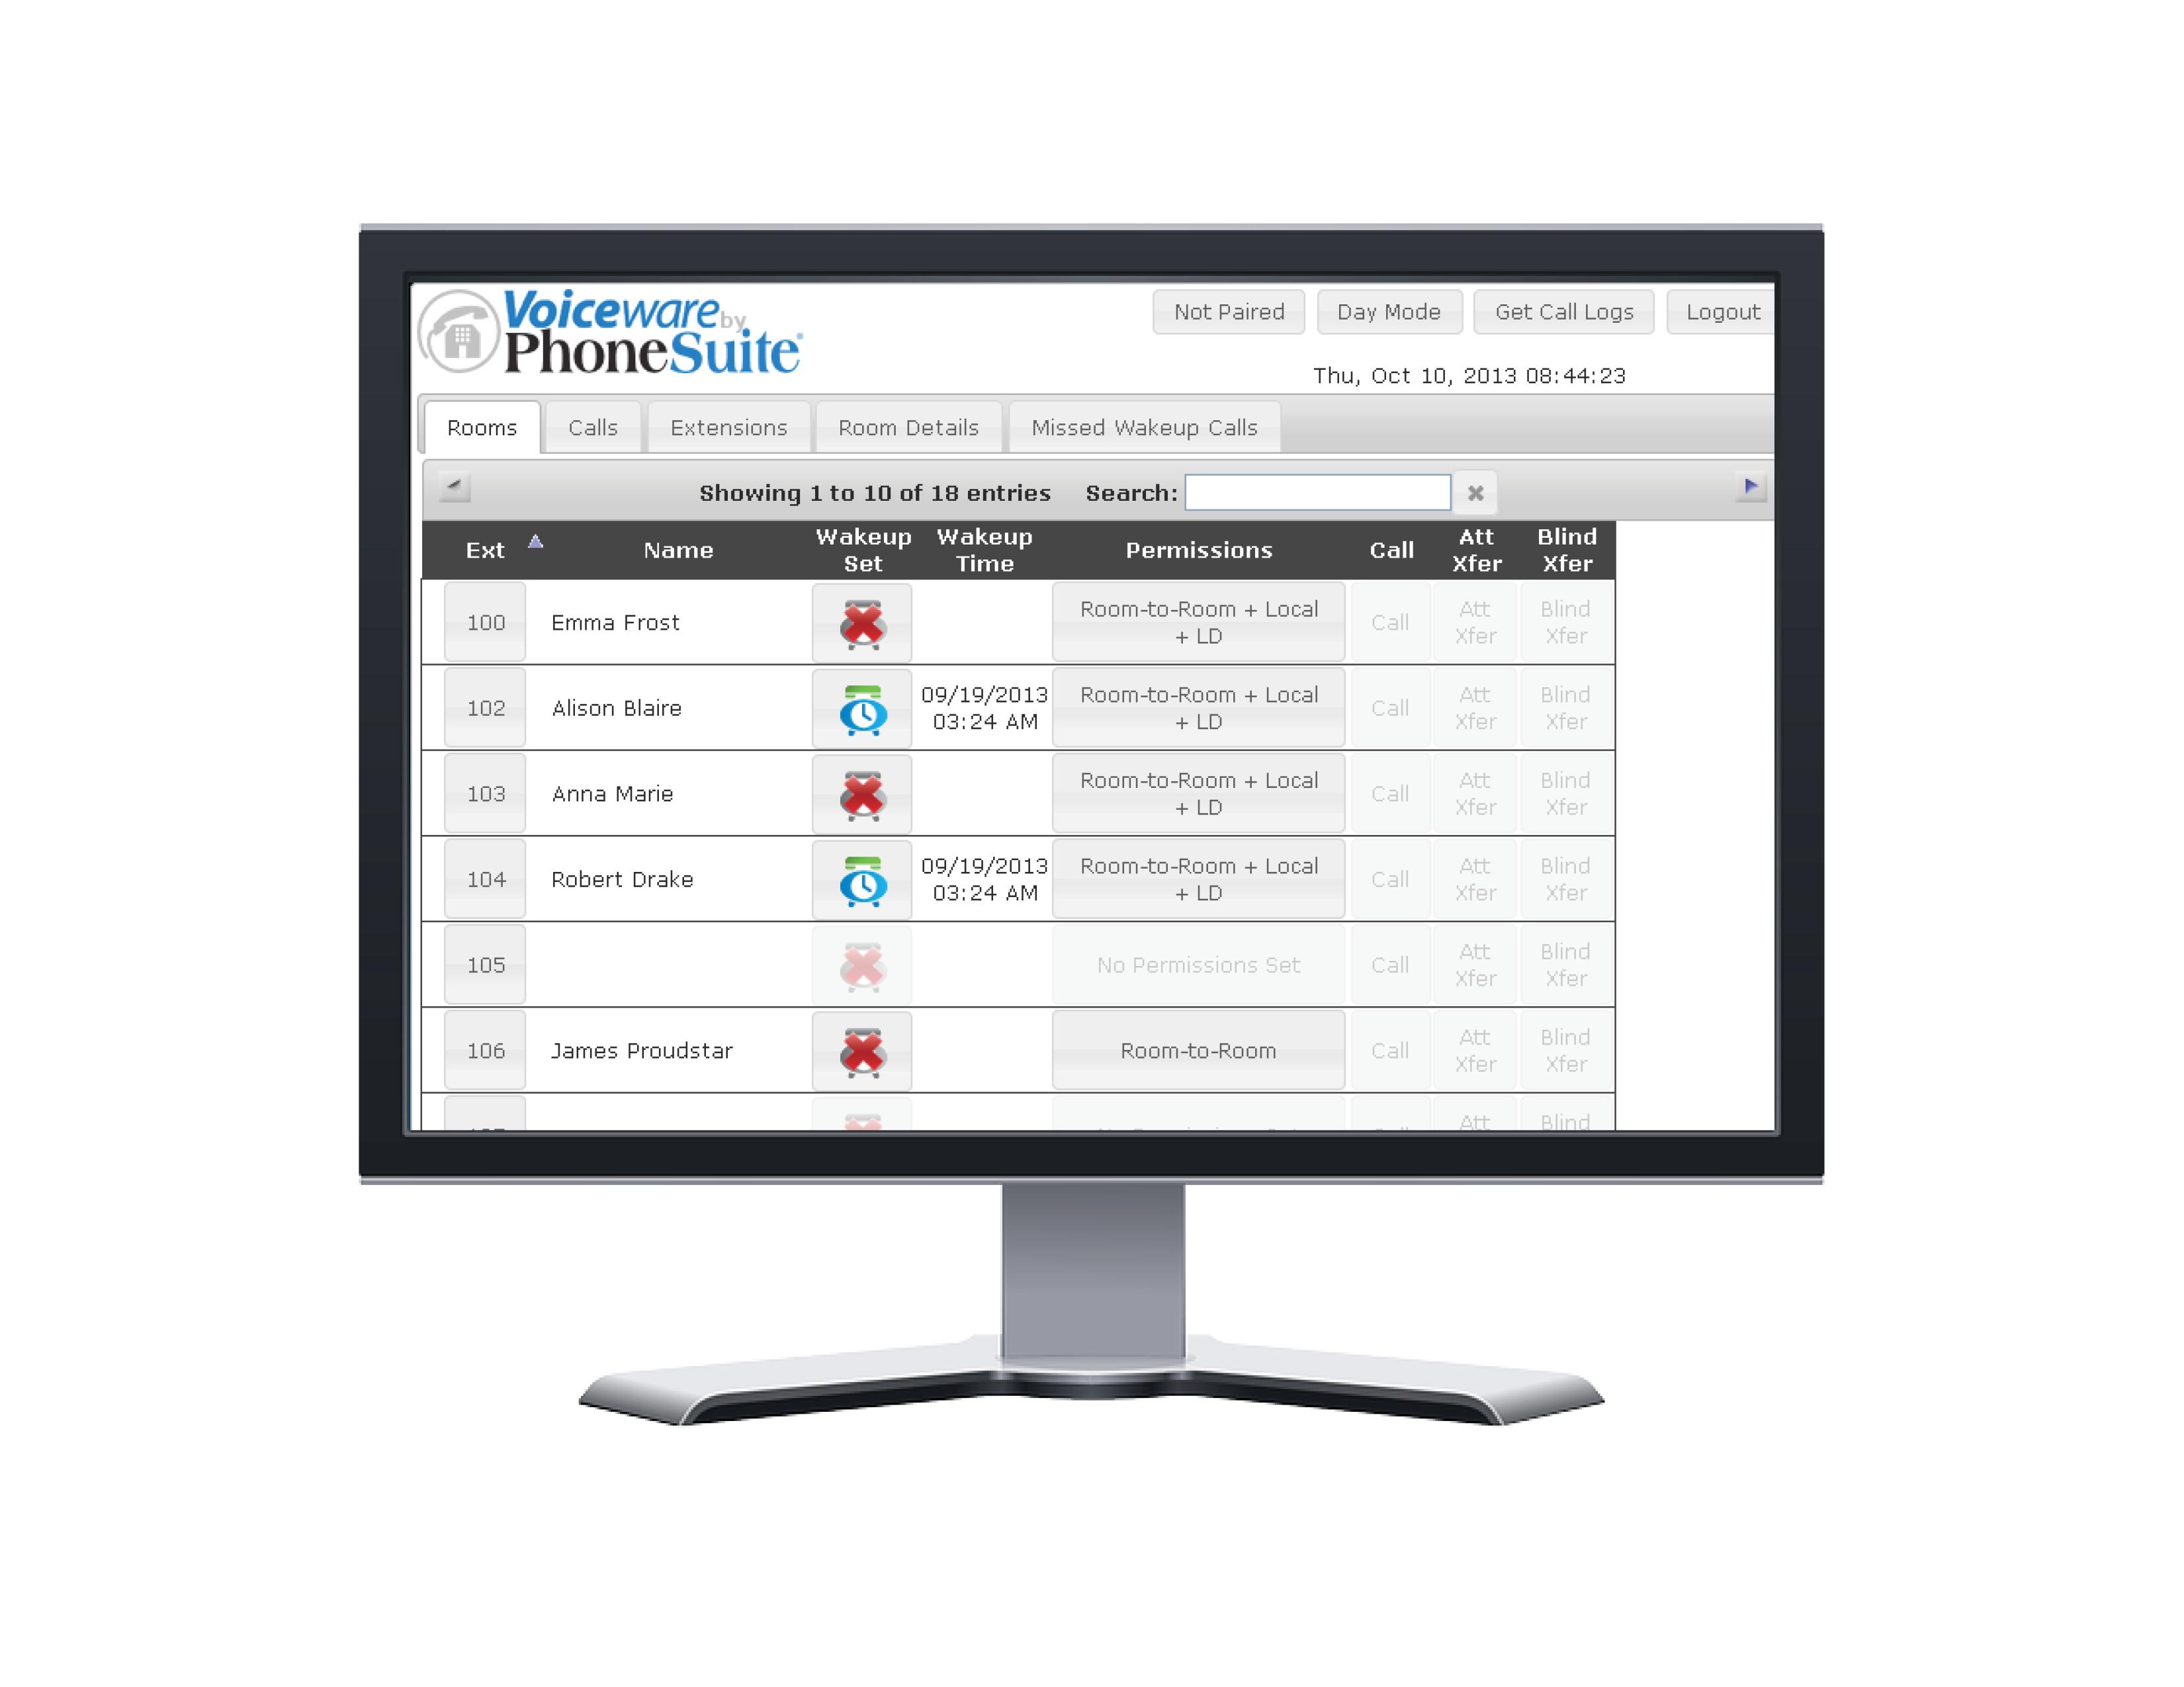 PhoneSuite Voiceware